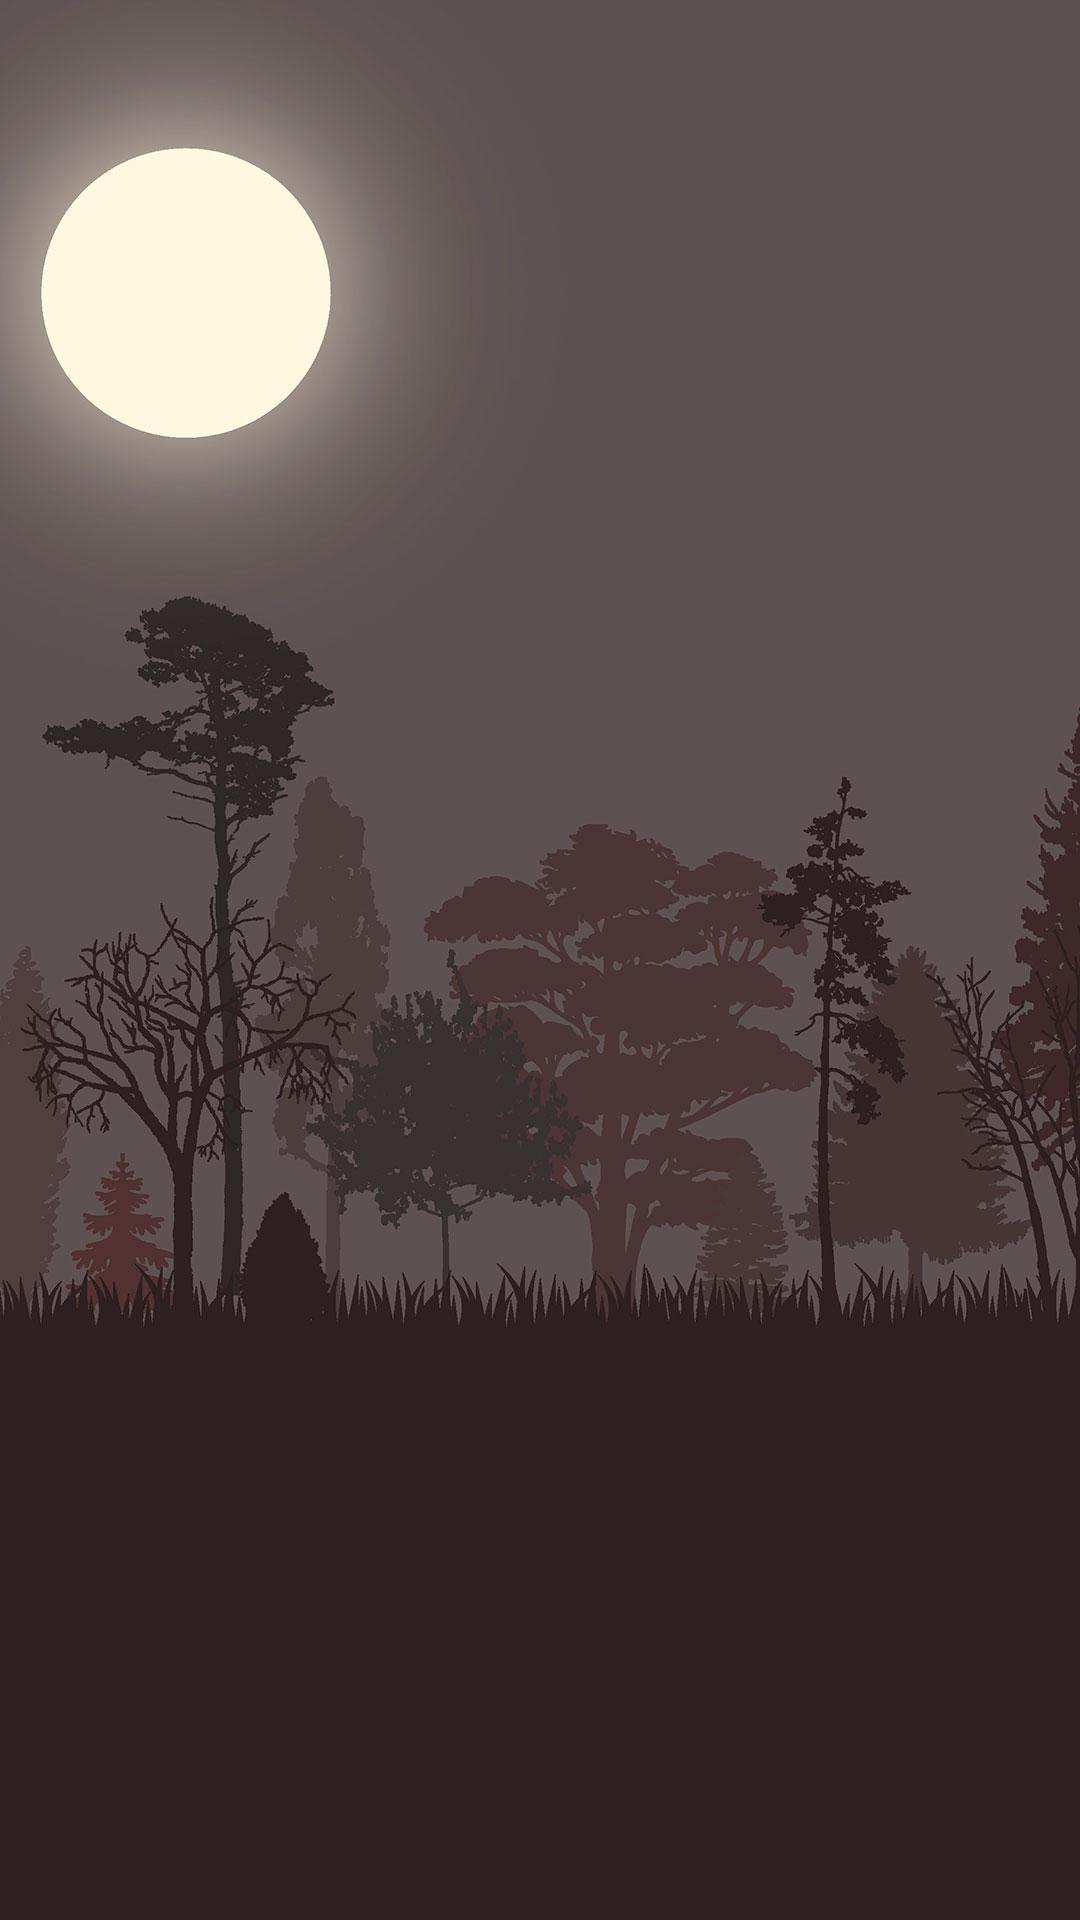 iPhone wallpaper drawing forest 3Wallpapers : notre sélection de fonds d'écran du 17/04/2018